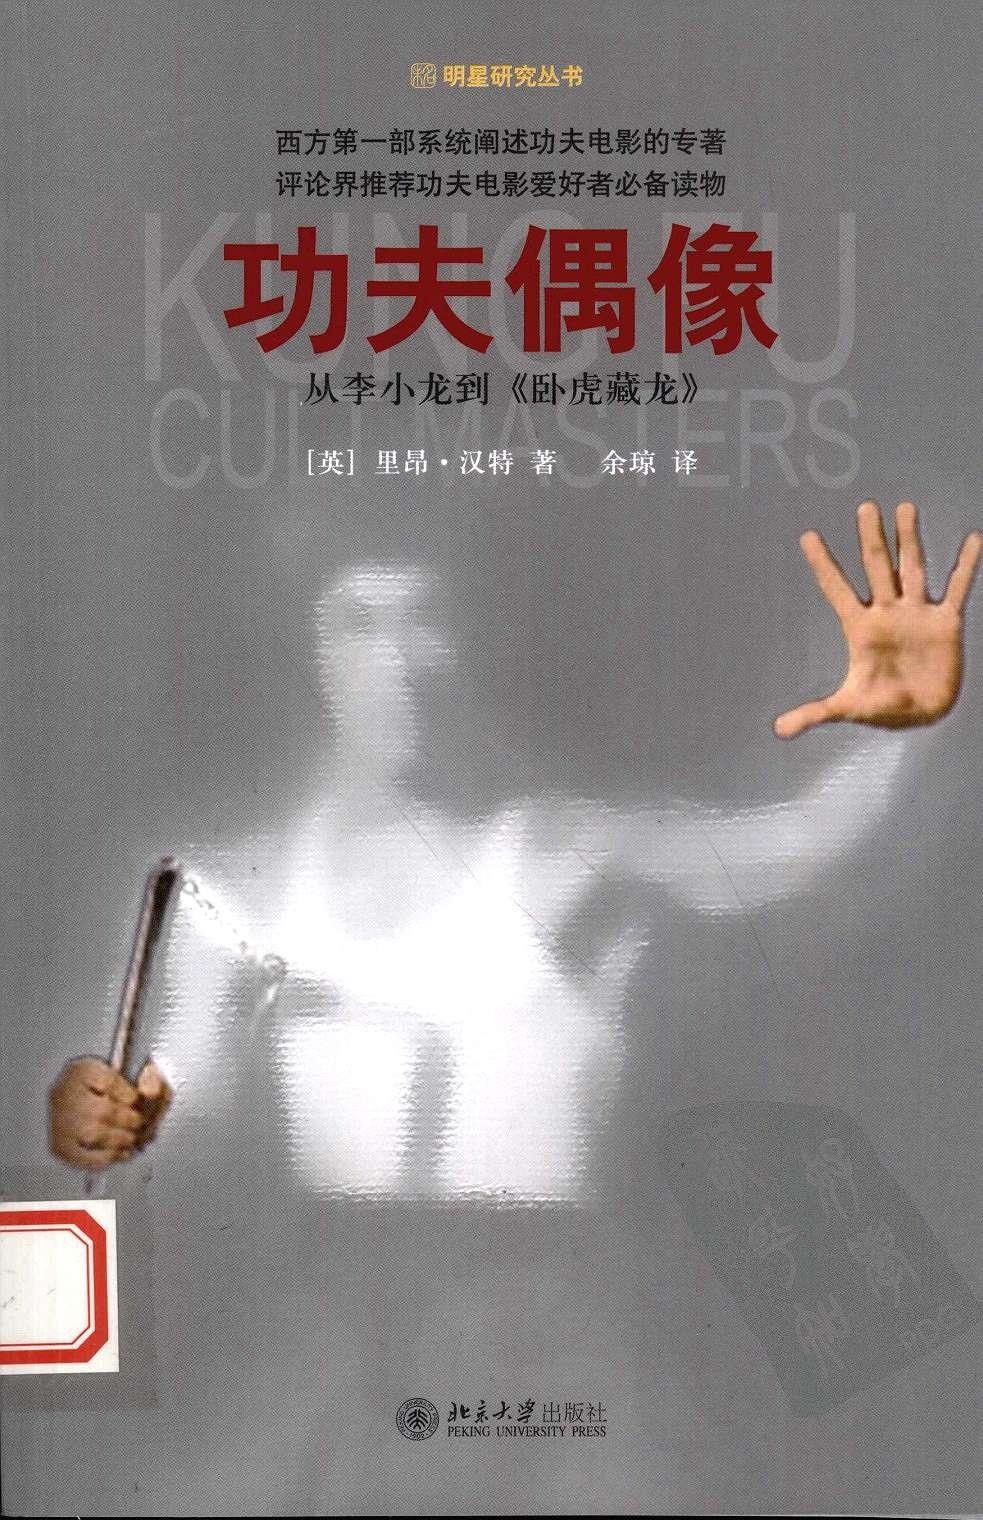 《功夫偶像:从李小龙到卧虎藏龙》PDF图书